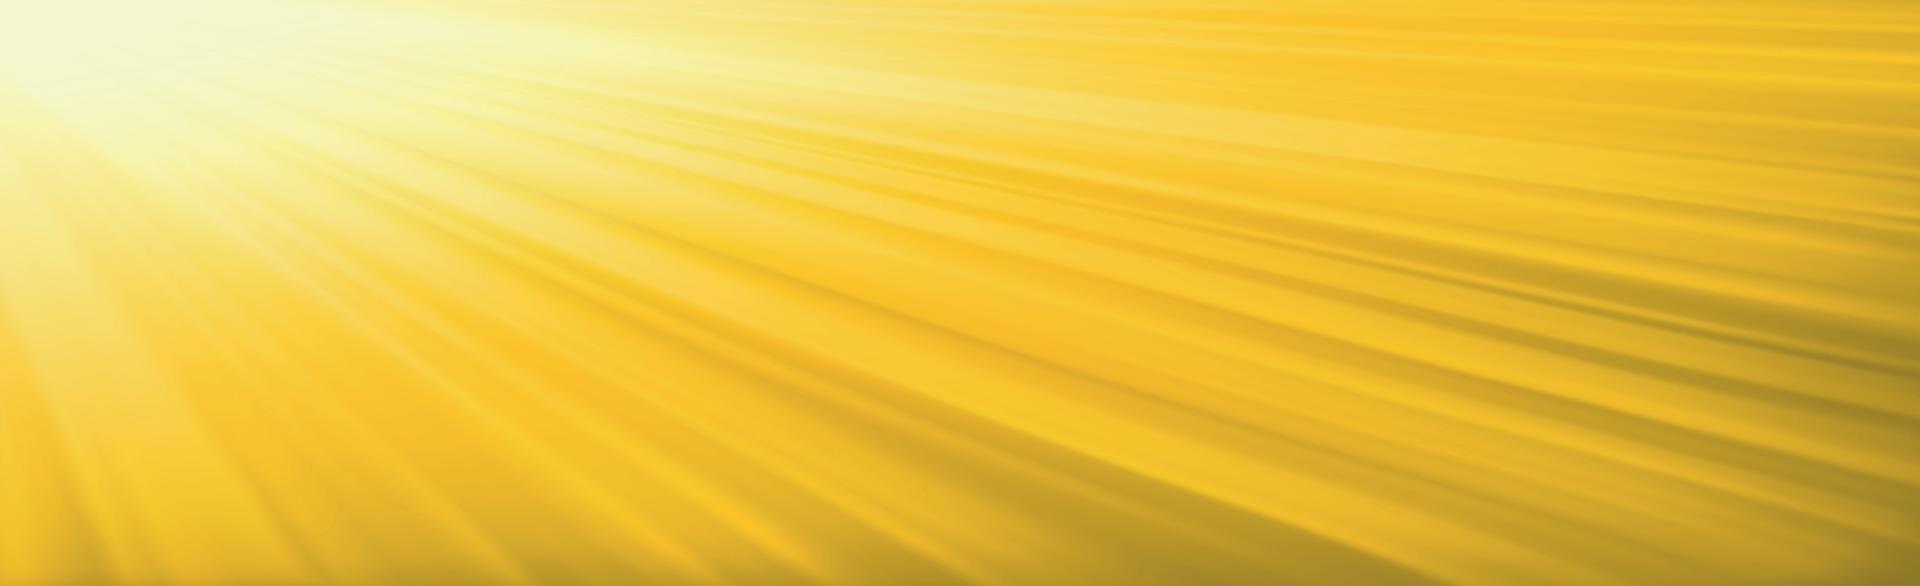 ljus sol på en gul bakgrund - illustration vektor